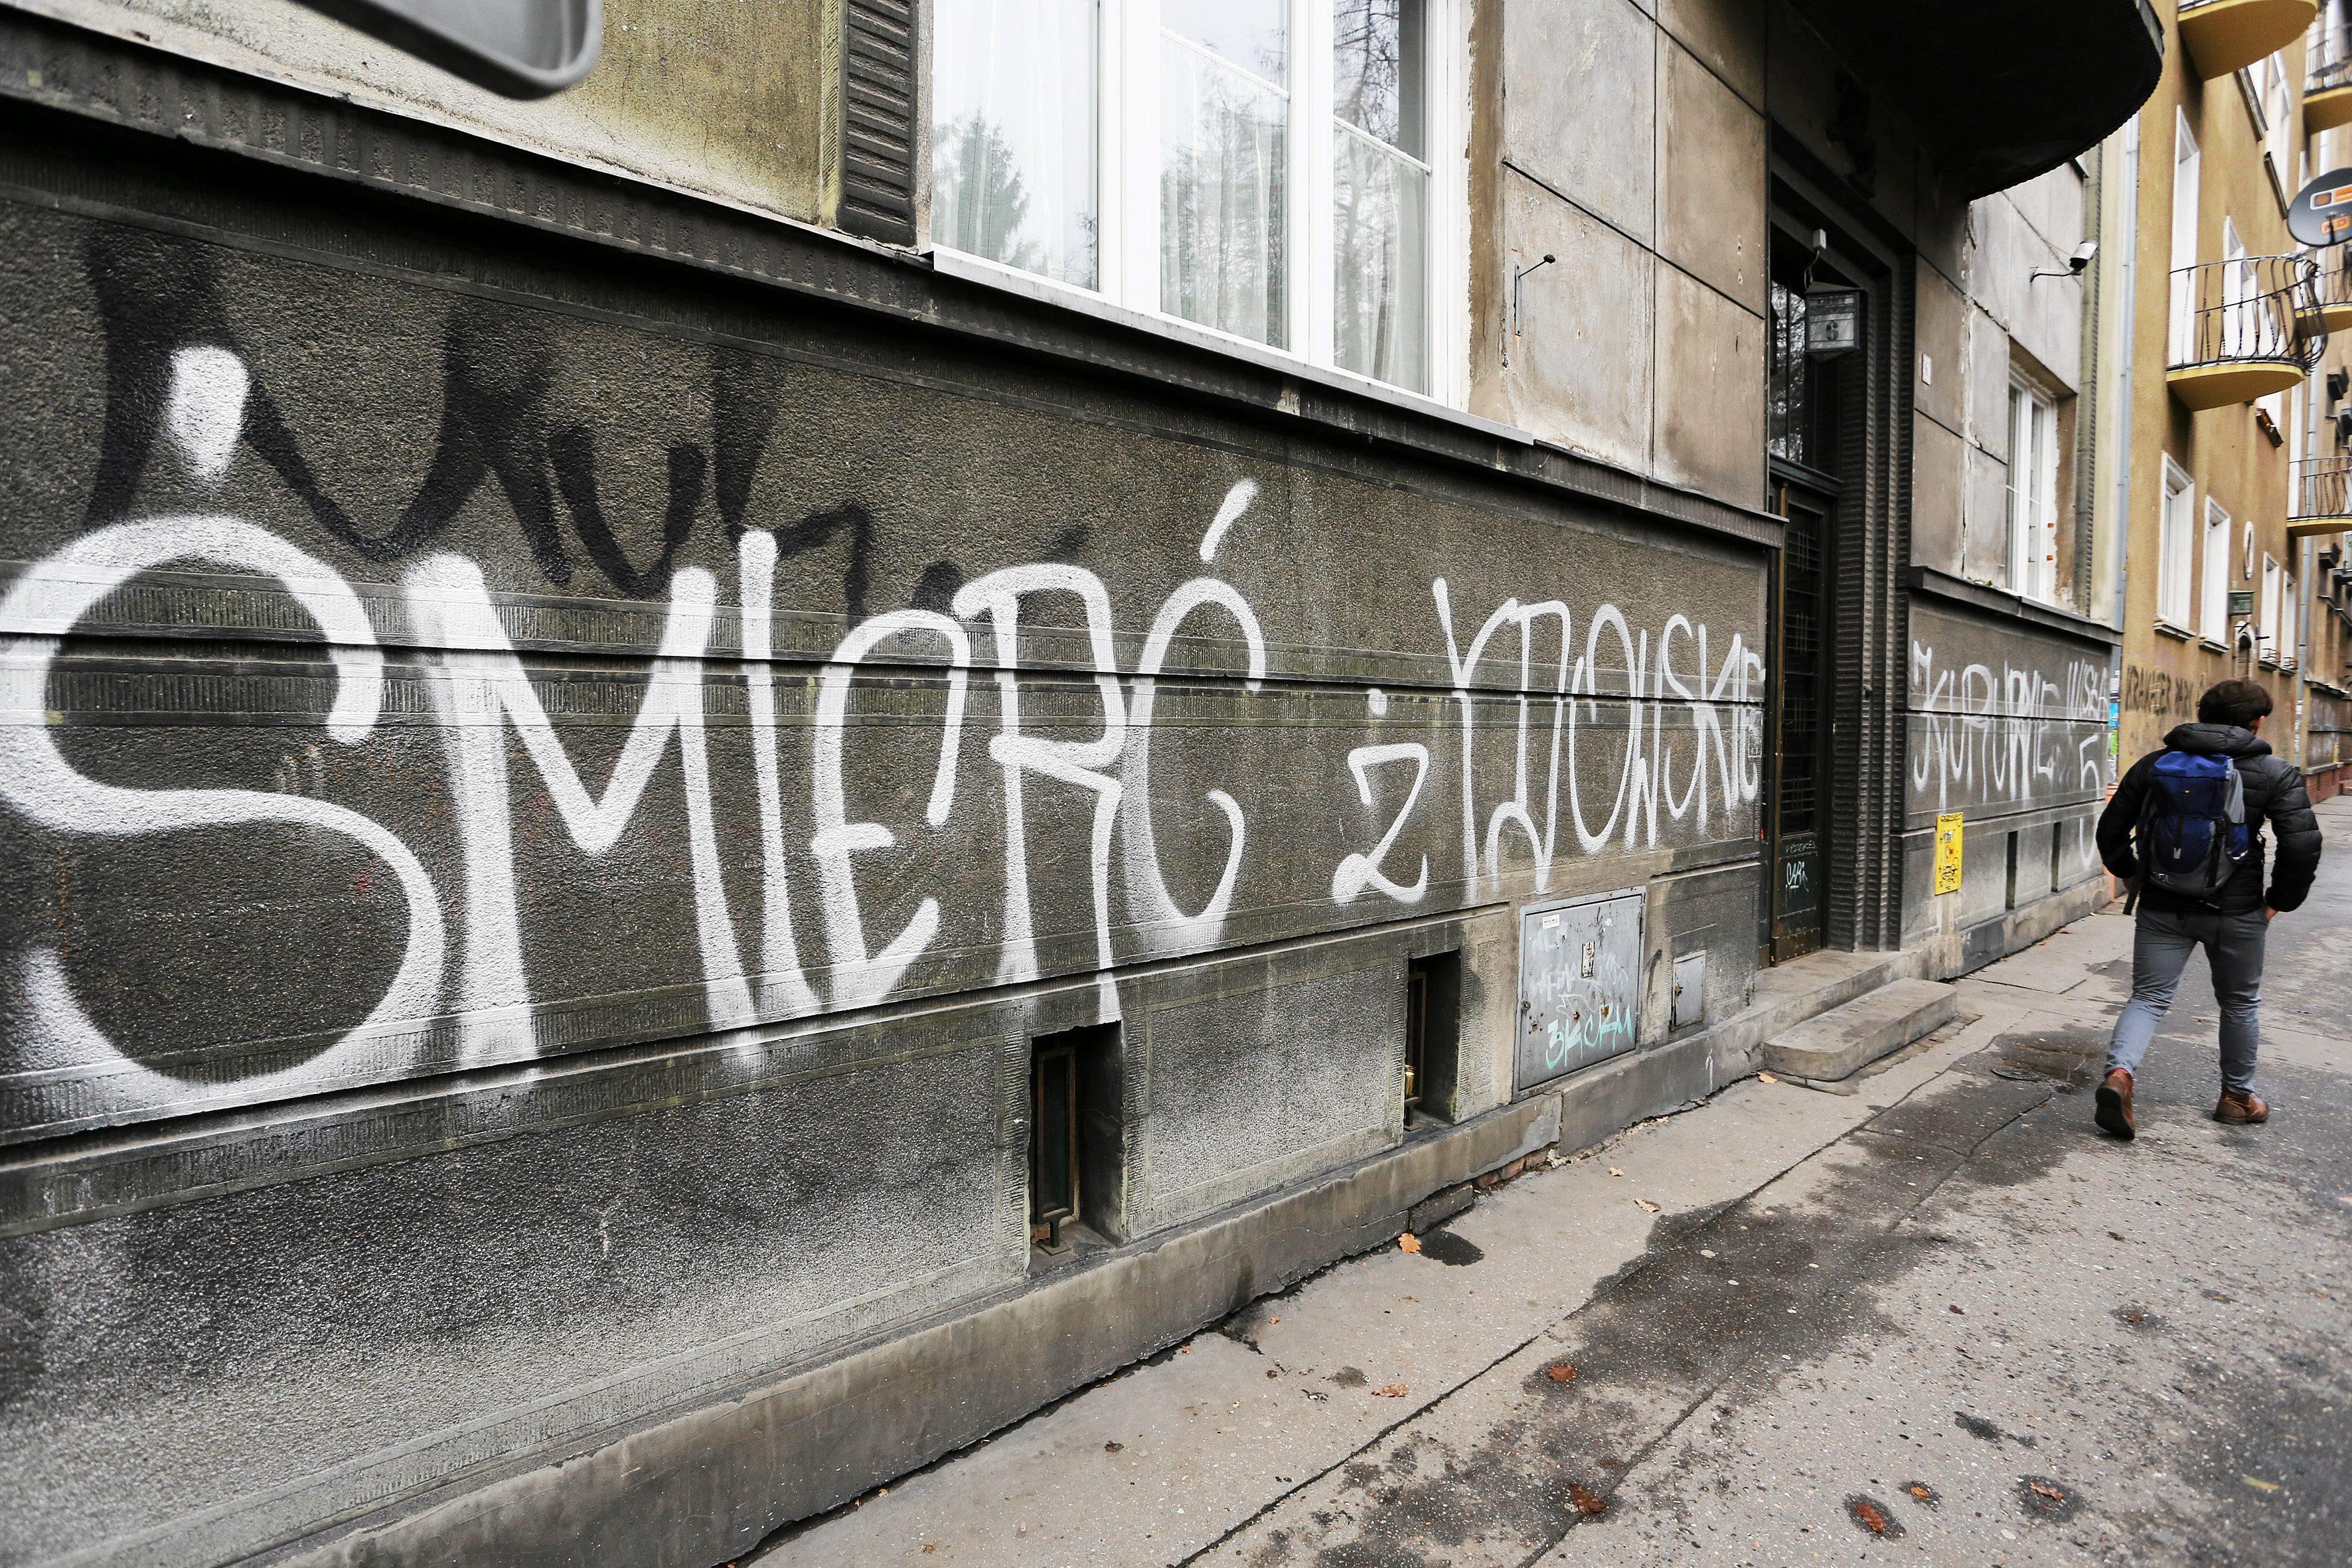 ksenofobia napisy Warszawa